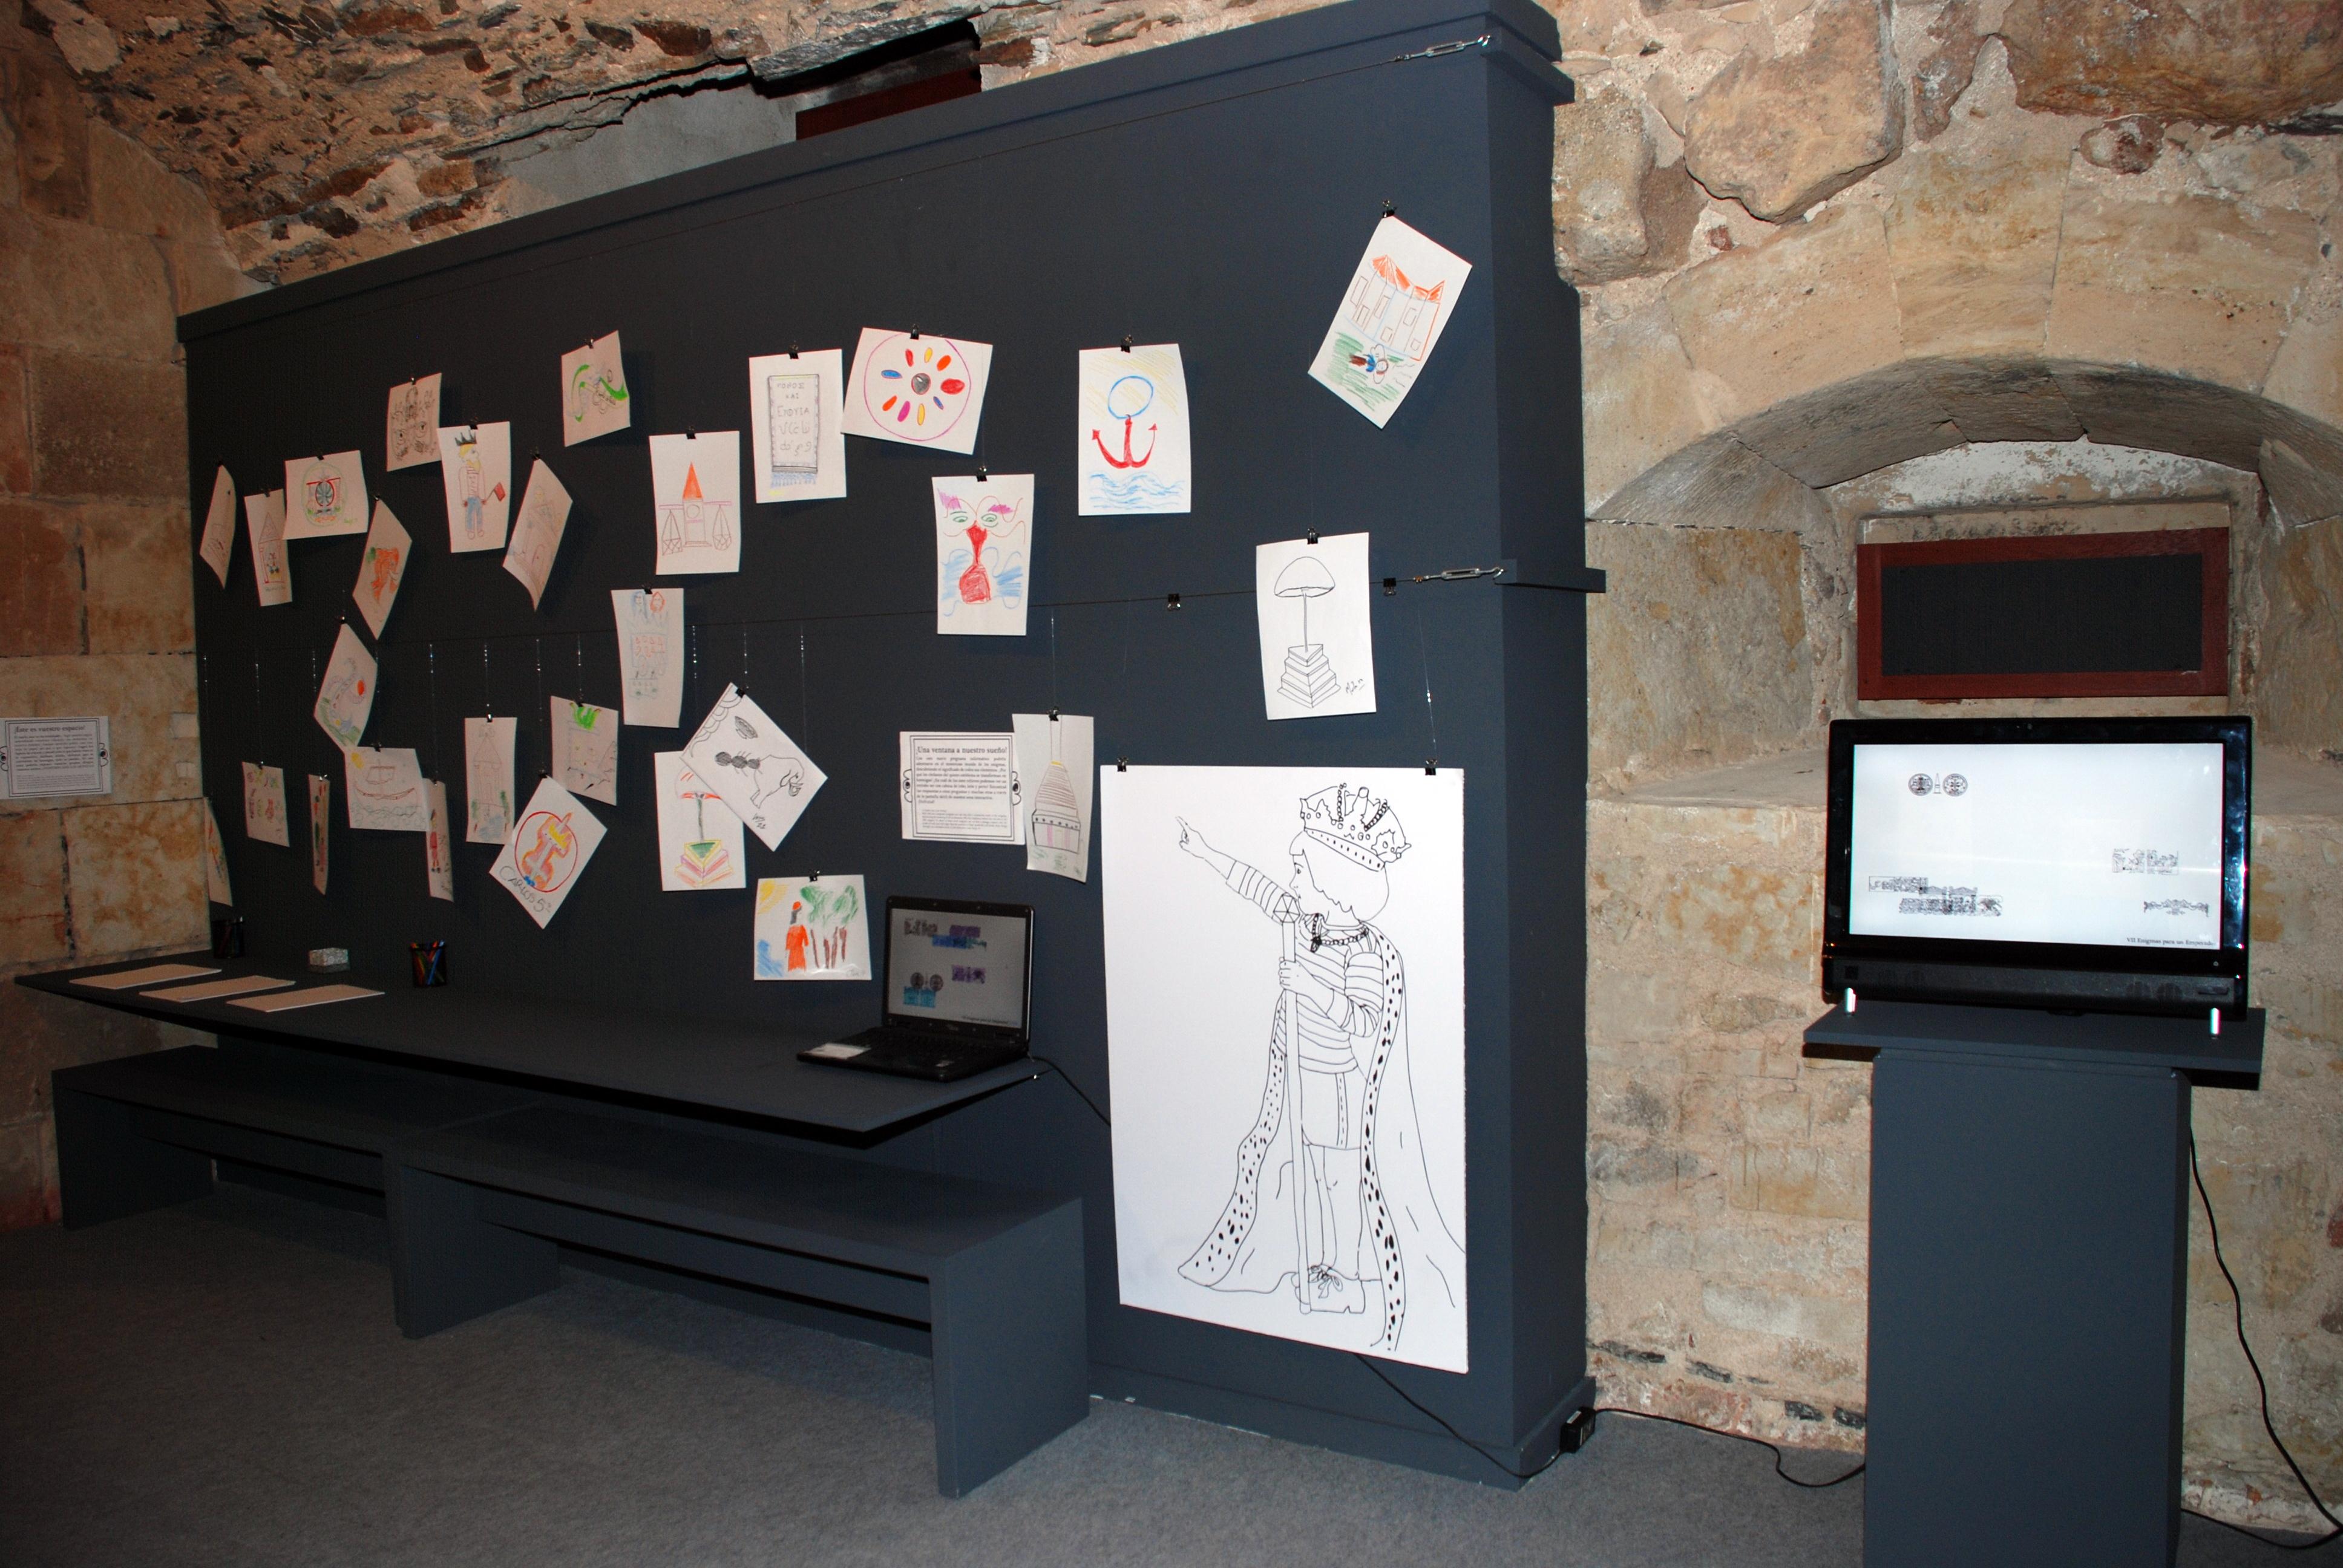 Los másteres en Arquitectura y Diseño Interior y de Evaluación y Gestión del Patrimonio Histórico-Artístico presentan la exposición 'VII enigmas para un Emperador'